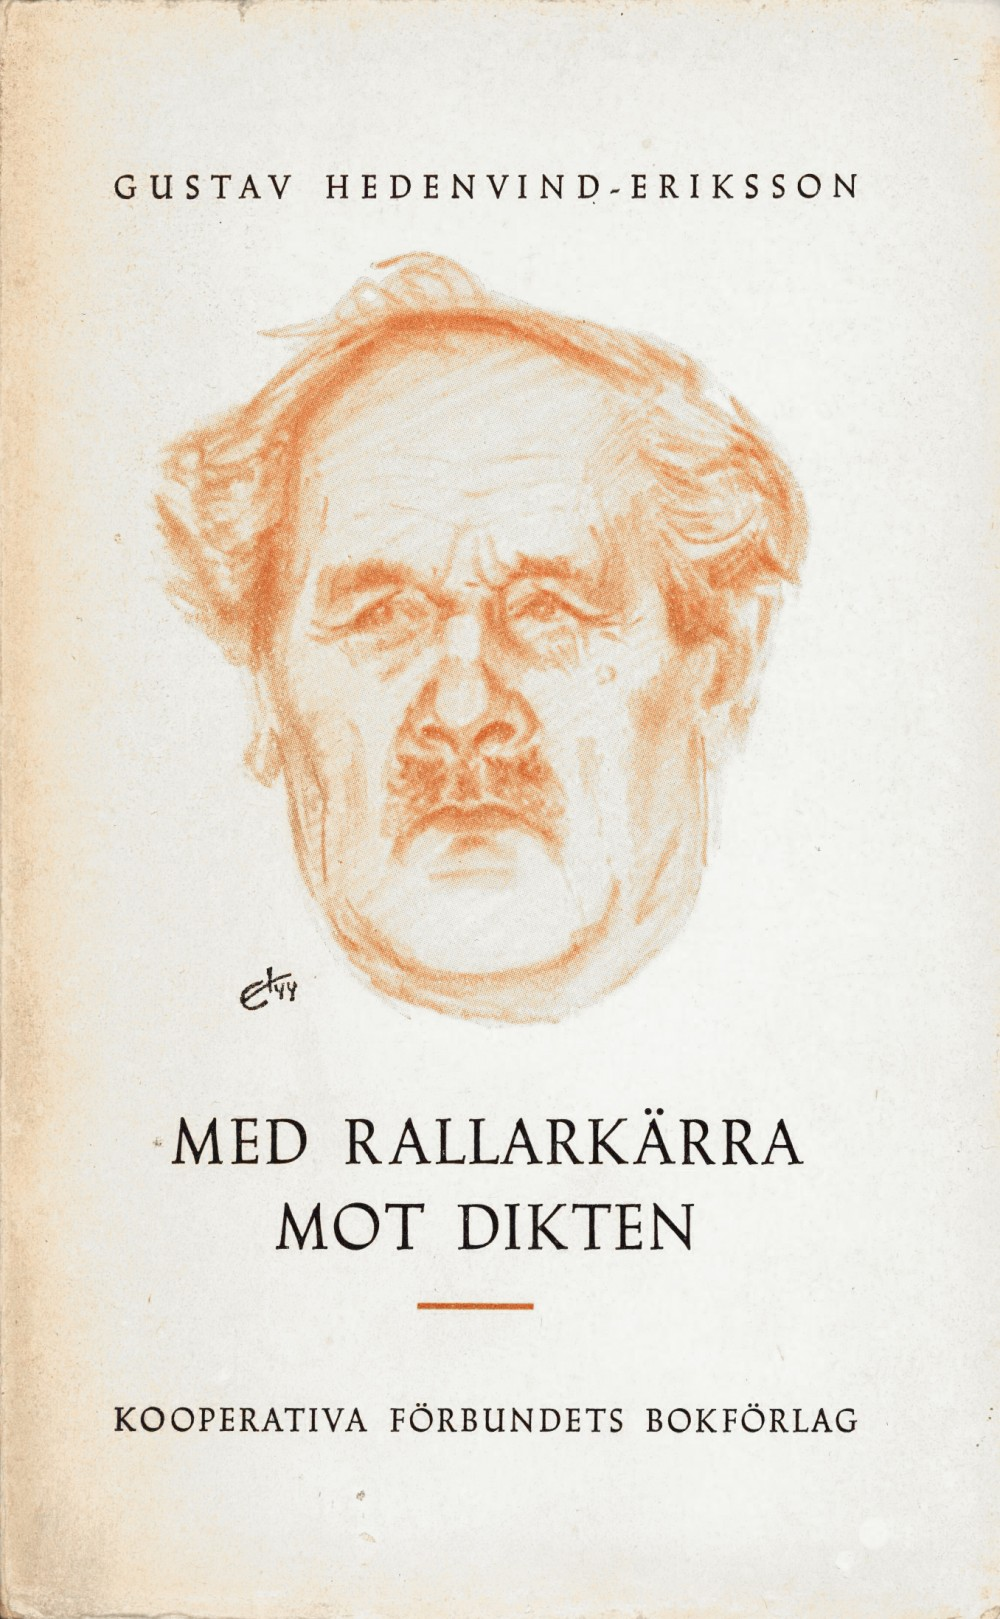 Gustav Hedenvind-Eriksson: Med rallarkärra mot dikten